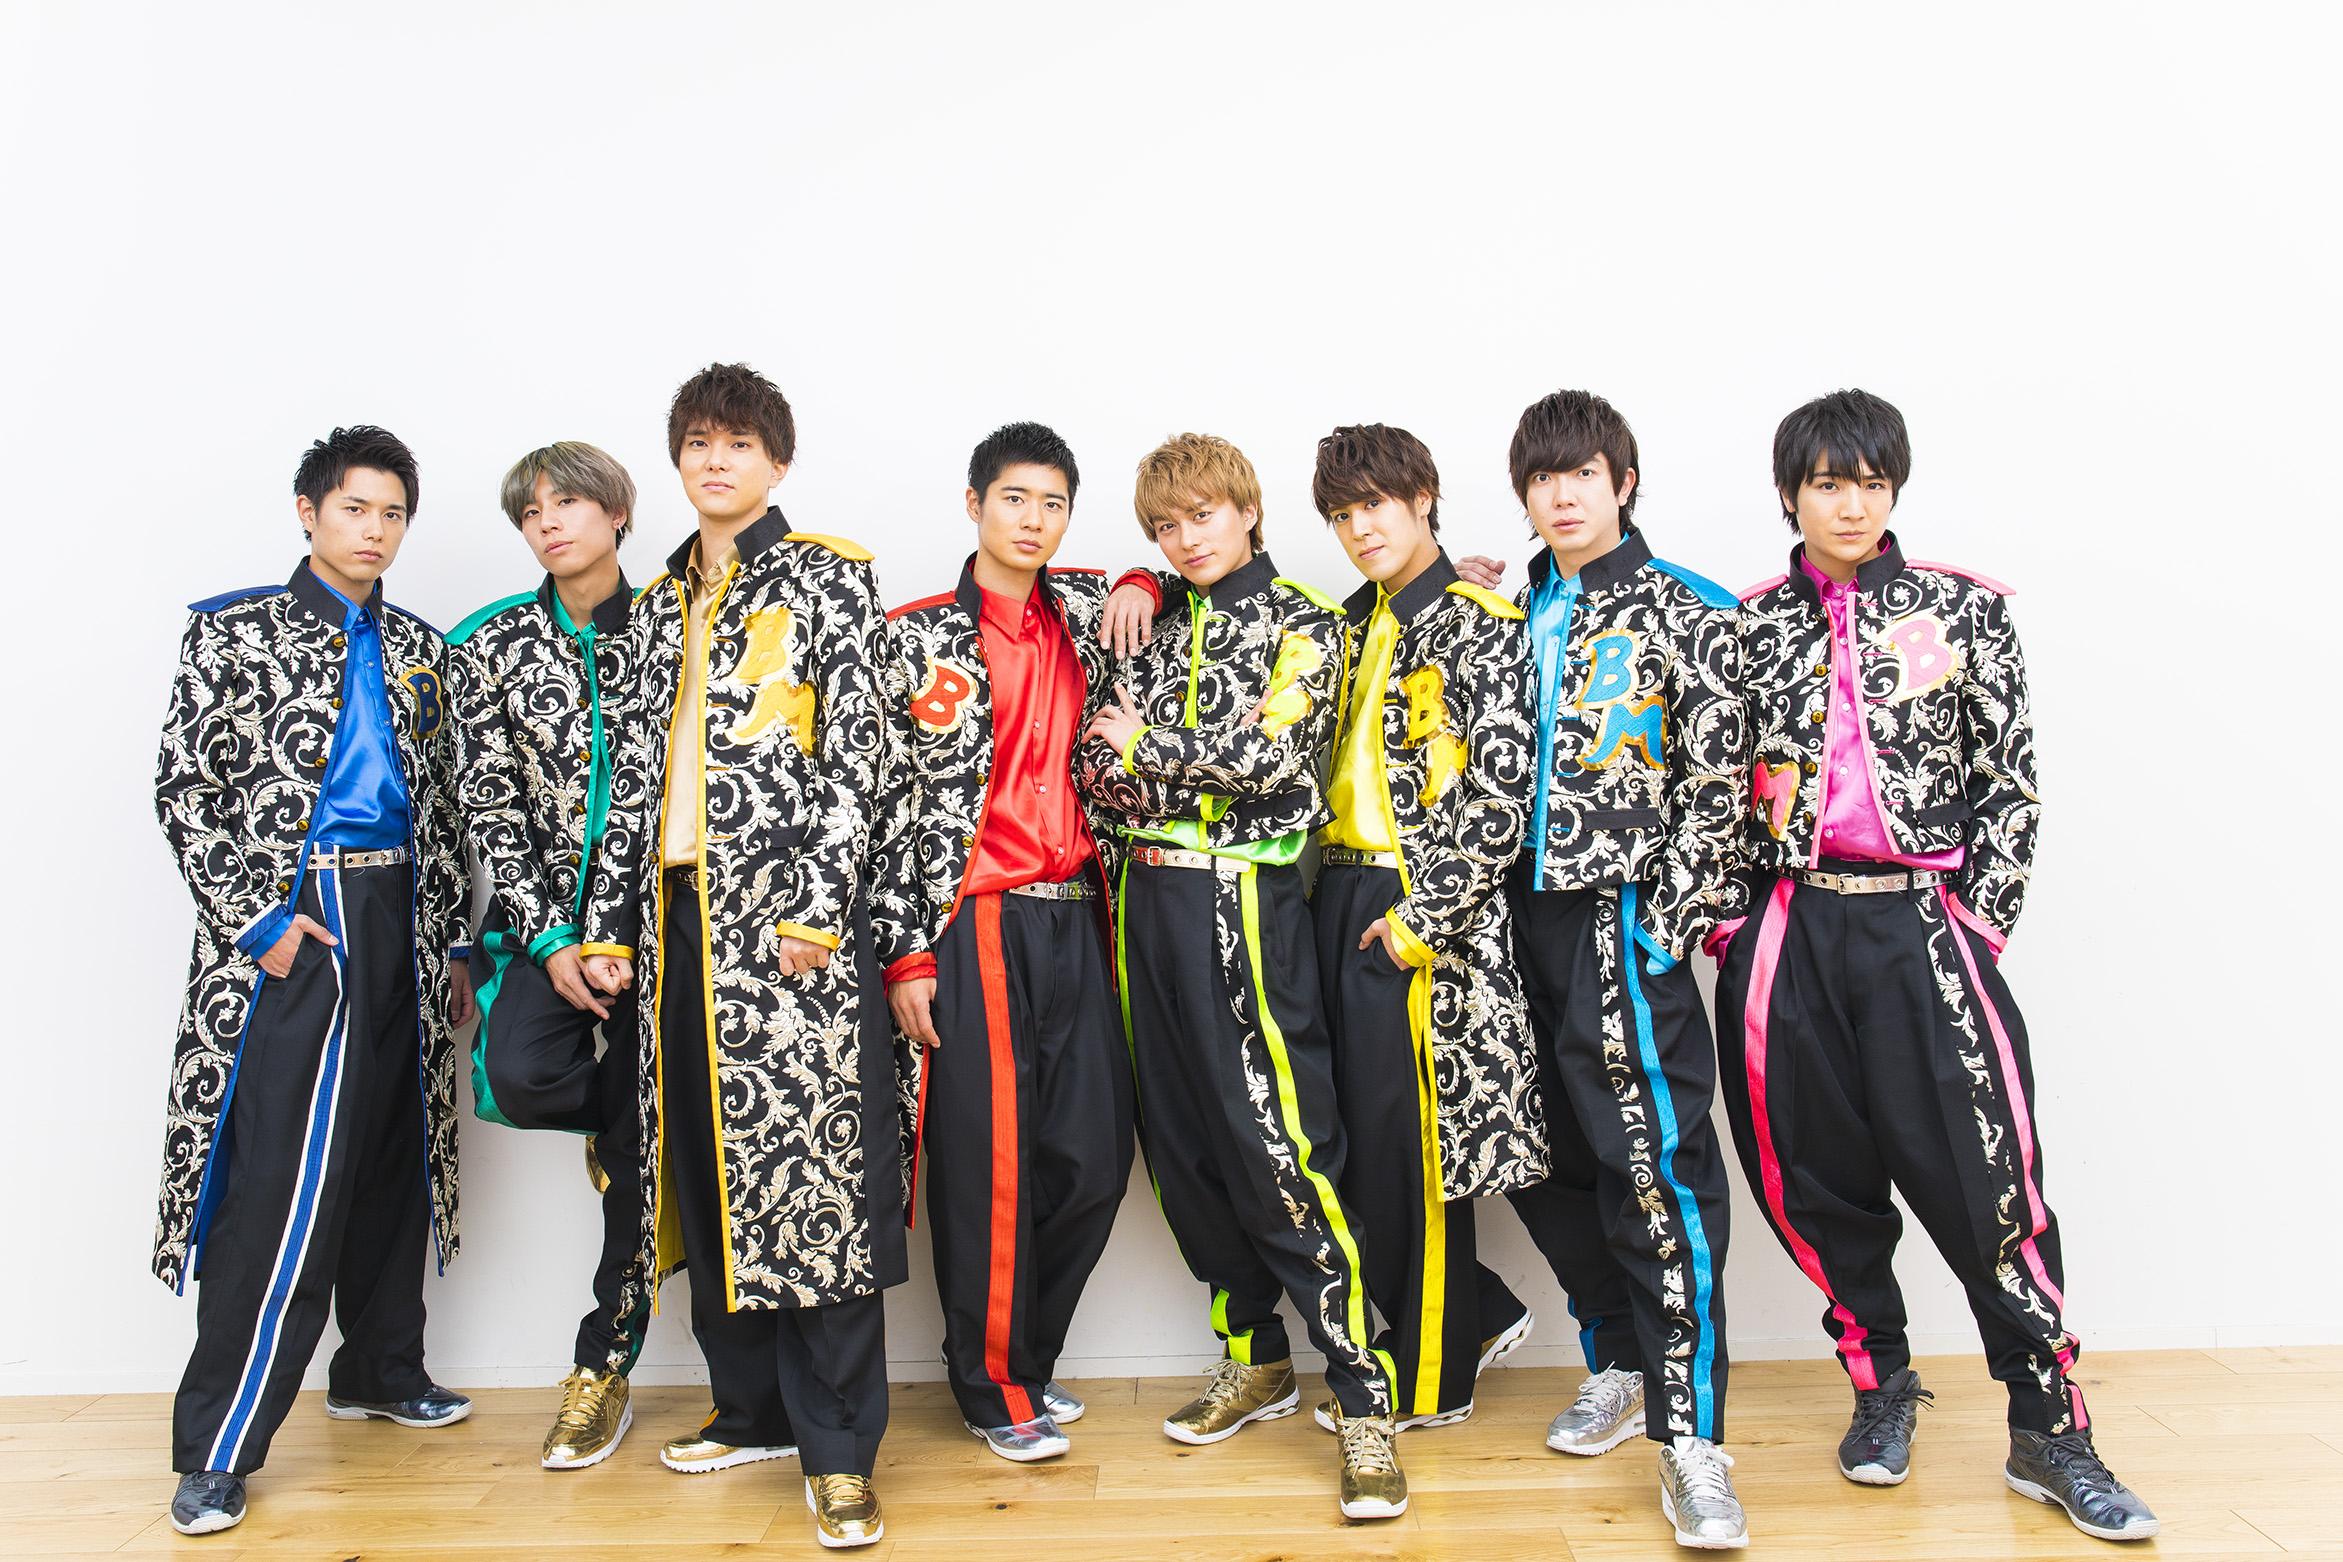 名古屋発エンターテイメント集団・BOYS AND MEN